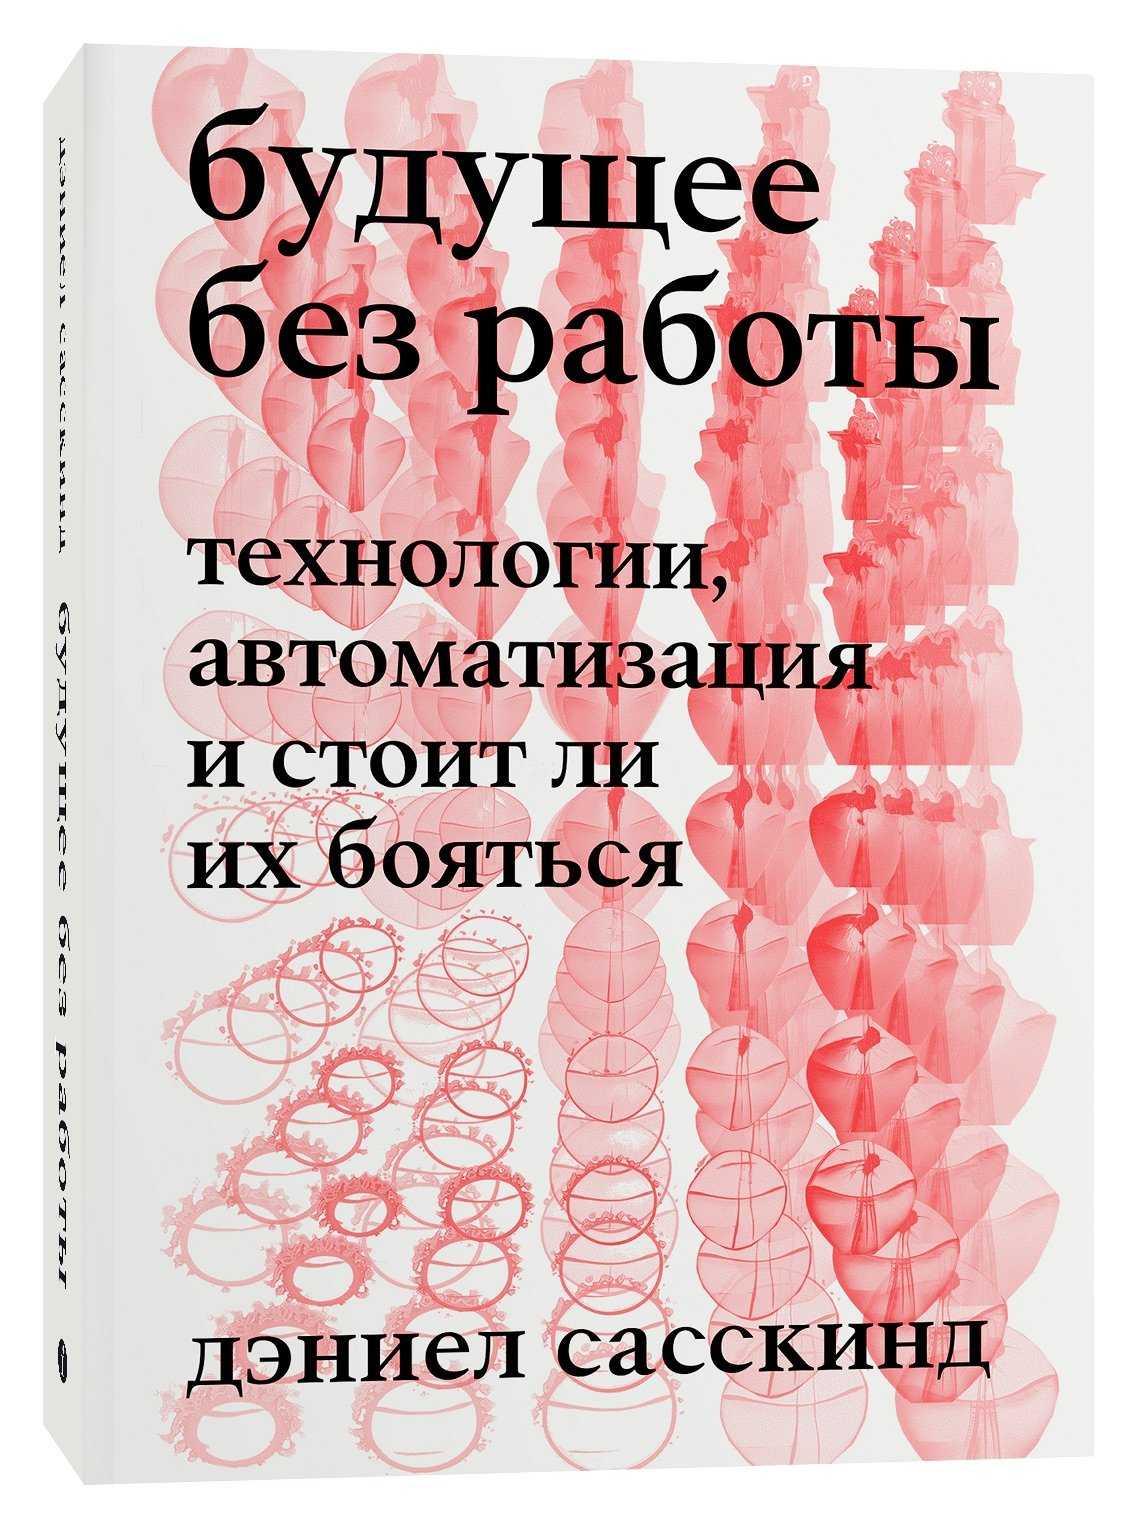 В России впервые издали книгу, переведенную Яндекс.Переводчиком